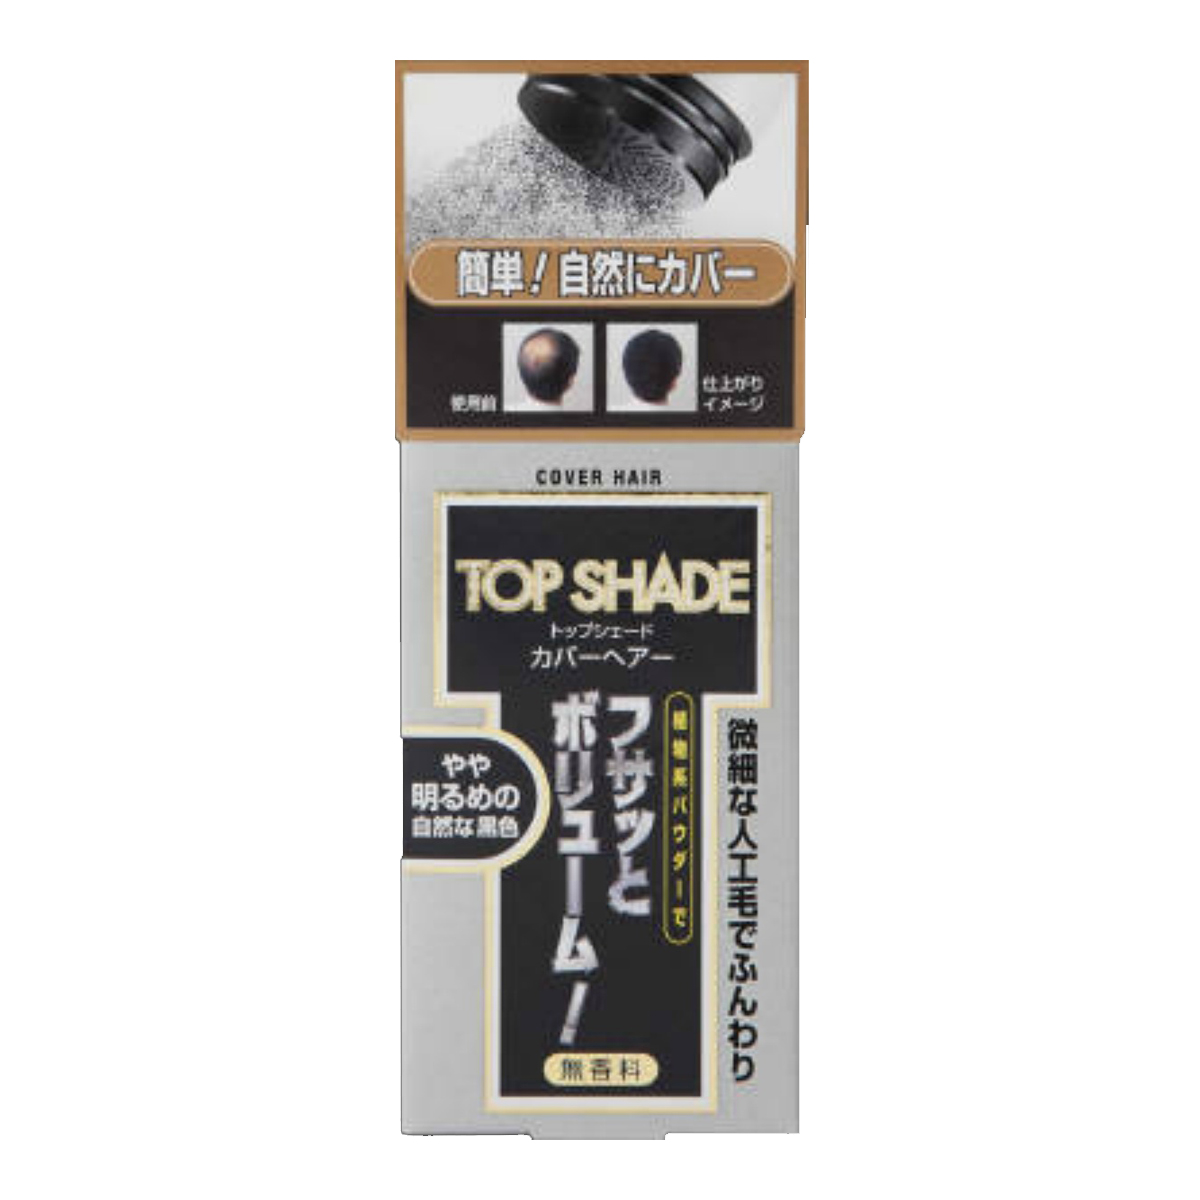 【送料込】柳屋本店 トップシェードカバーヘアー やや明るめの黒色 35G ×36点セット まとめ買い特価!ケース販売 ( 4903018215083 )